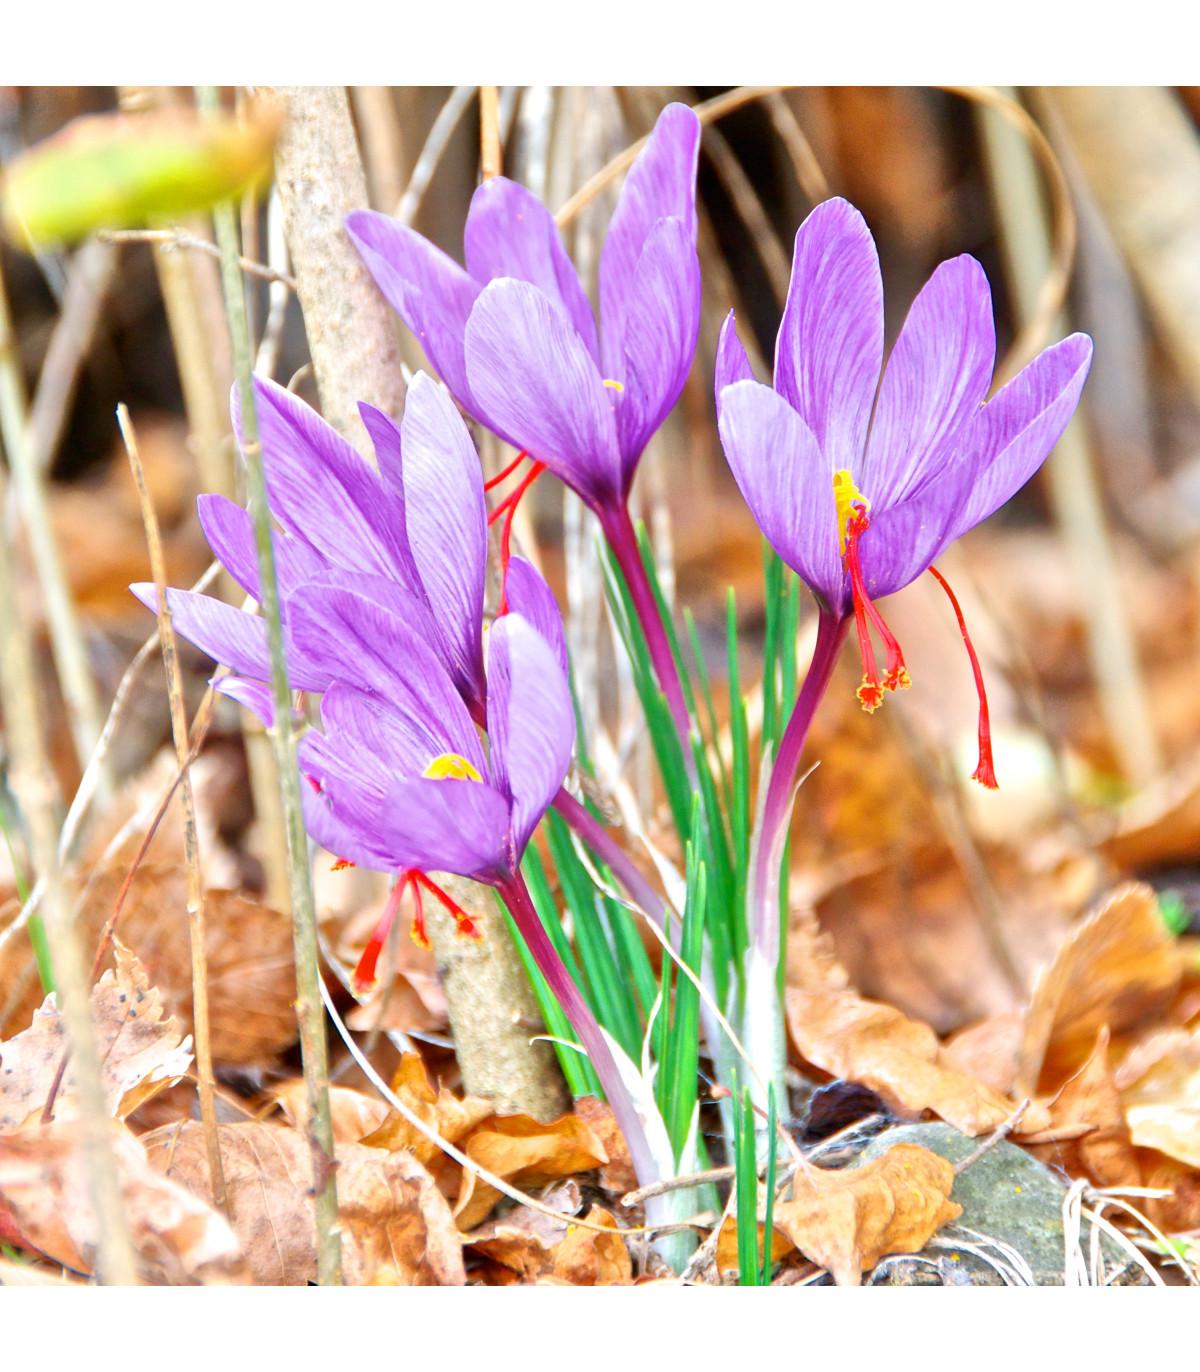 Krókus siaty - šafrán - Crocus sativus - cibuľky krókusu - 3 ks